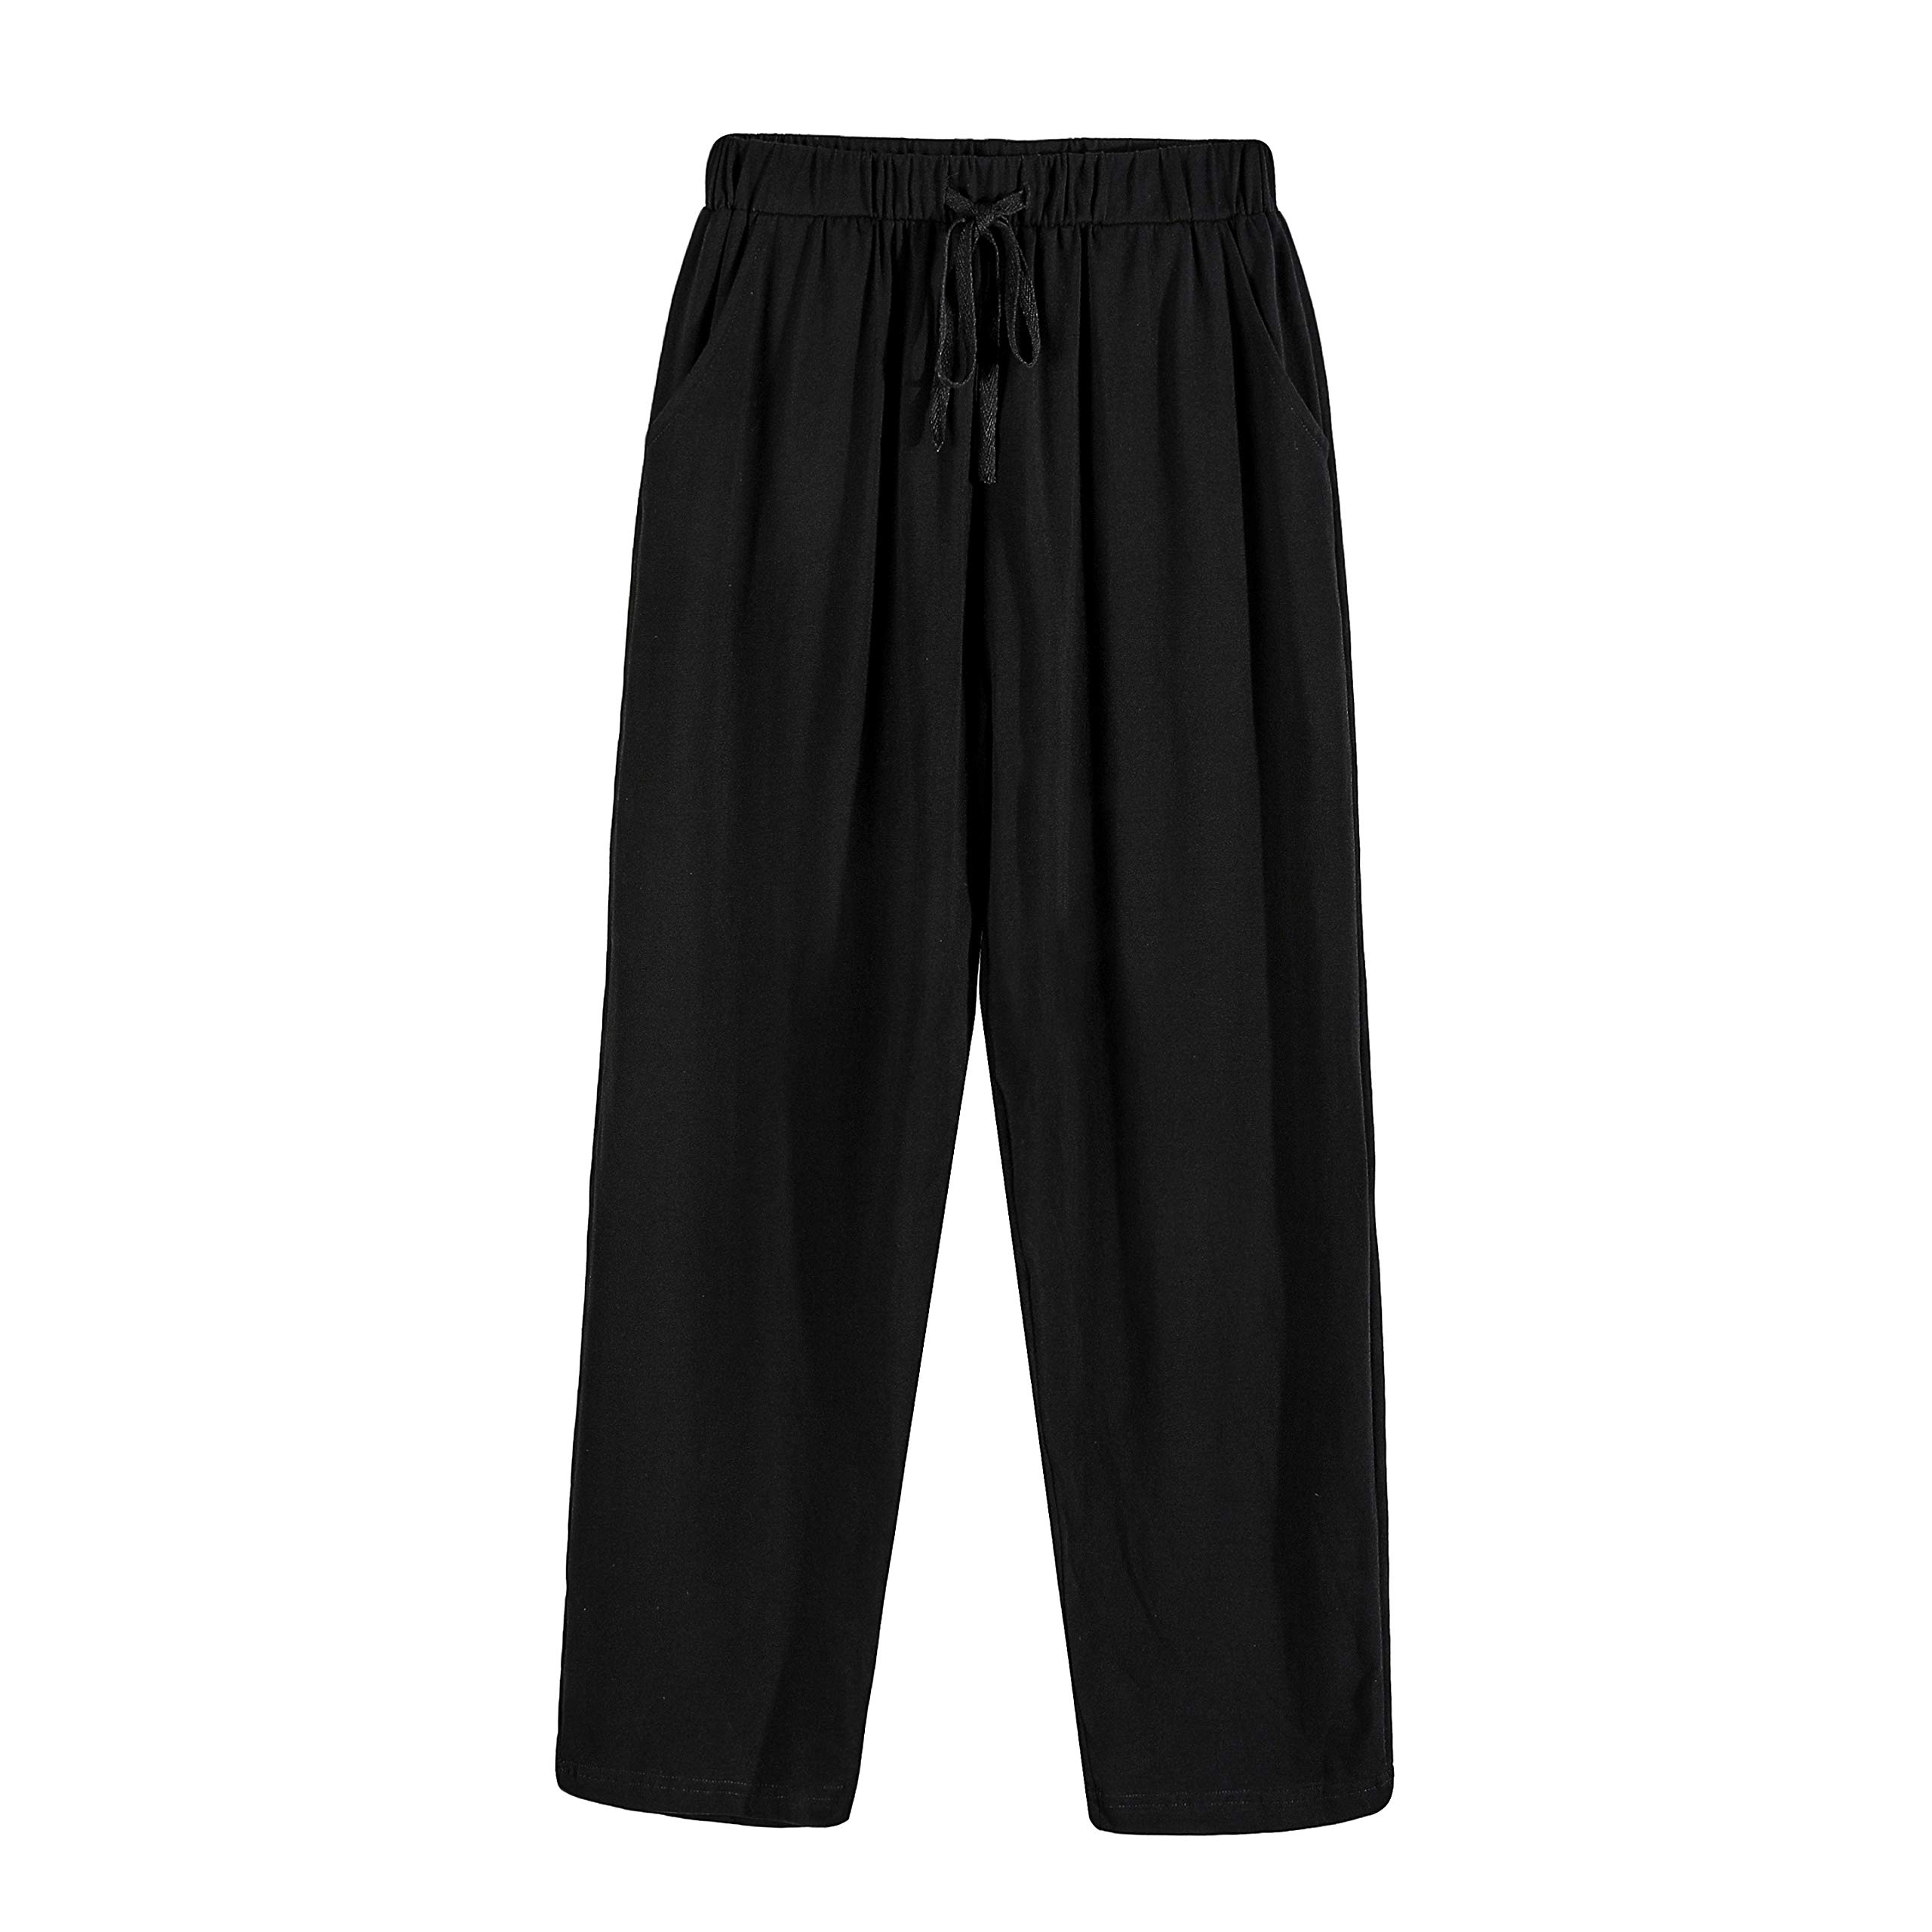 Suntasty Mens Lounge Pants Pyjama Trouser Lounge Wear Plain PJ Bottoms Nightwear(SP1001M/blackXL)